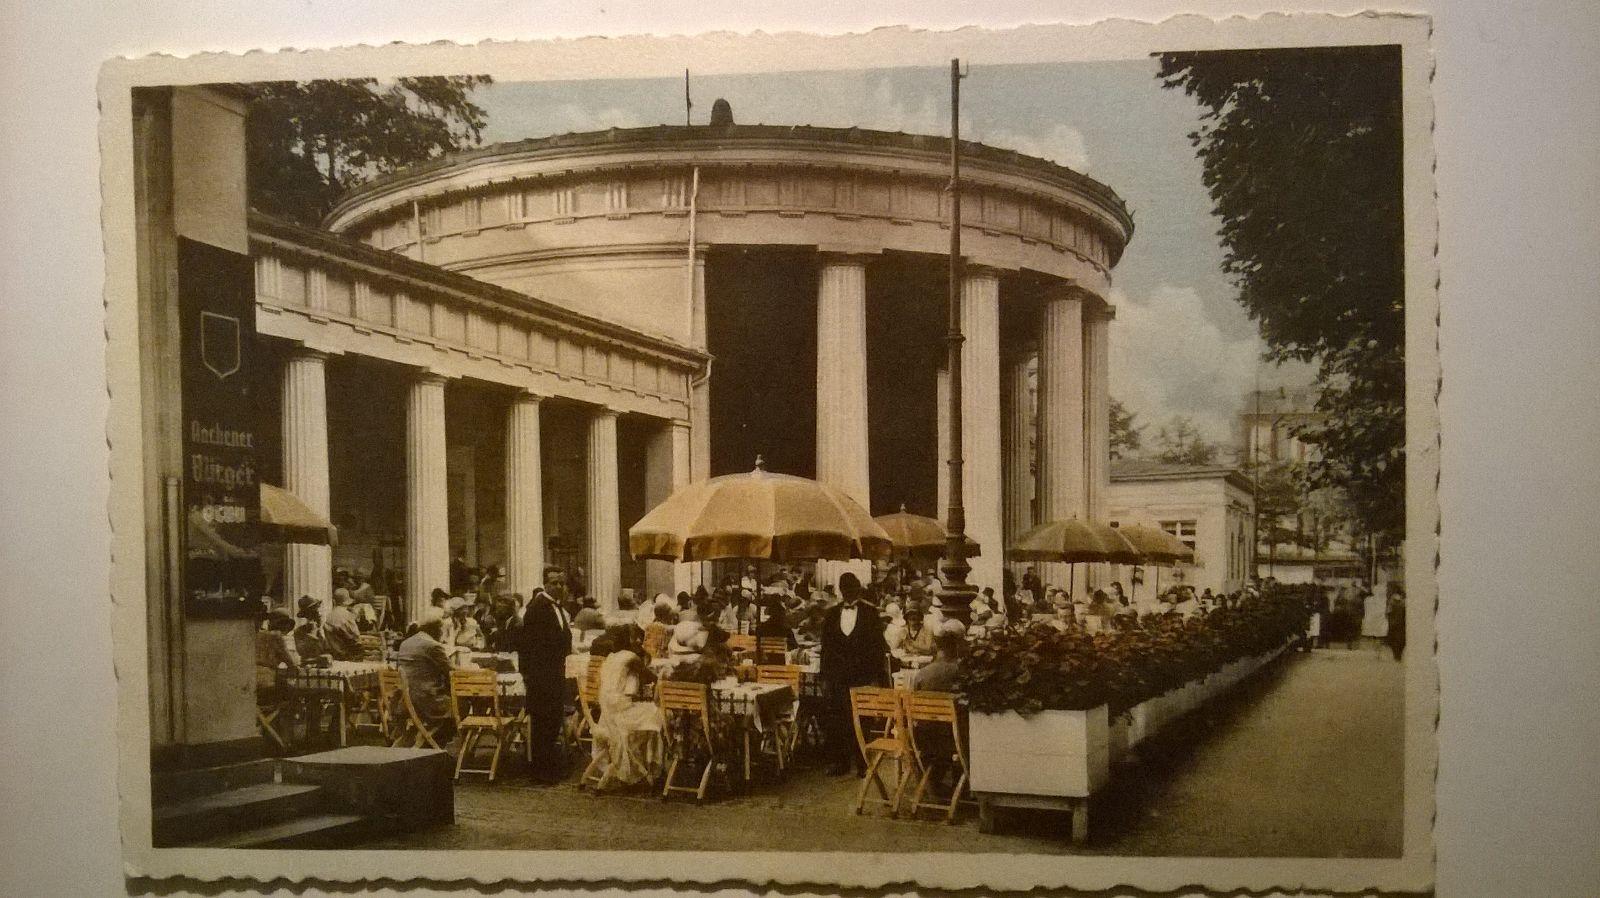 Elisenbrunnen - zur Verfügung gestellt von trameböll